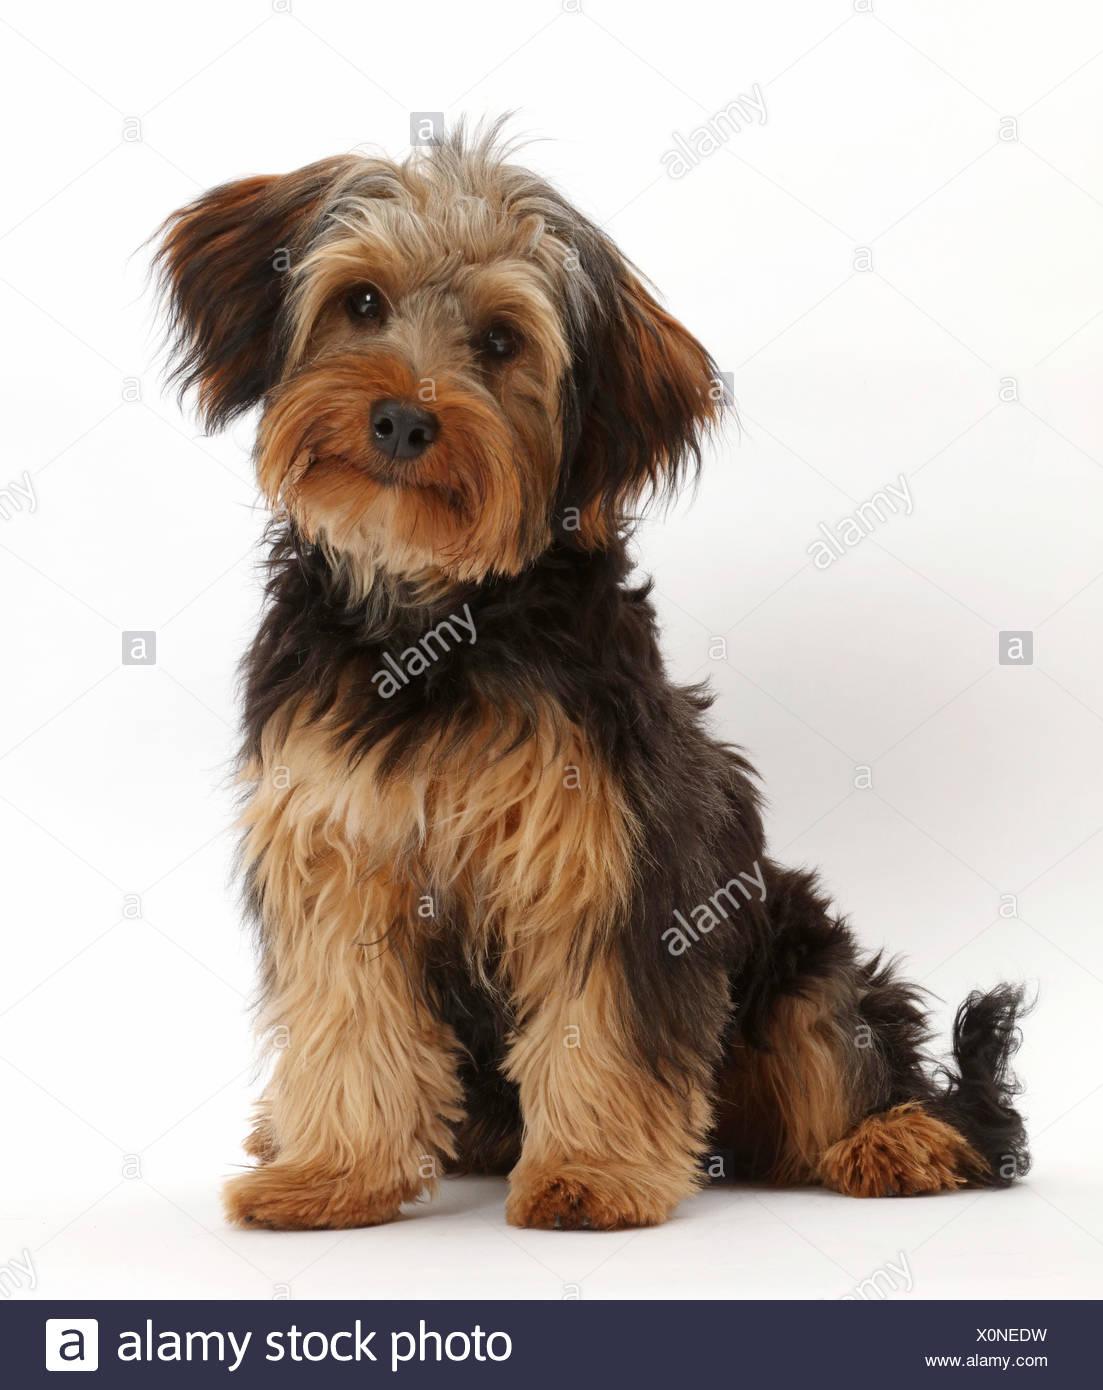 Yorkipoo perro, Yorkshire Terrier Poodle cruz, Oscar, a los 6 meses de edad. Imagen De Stock